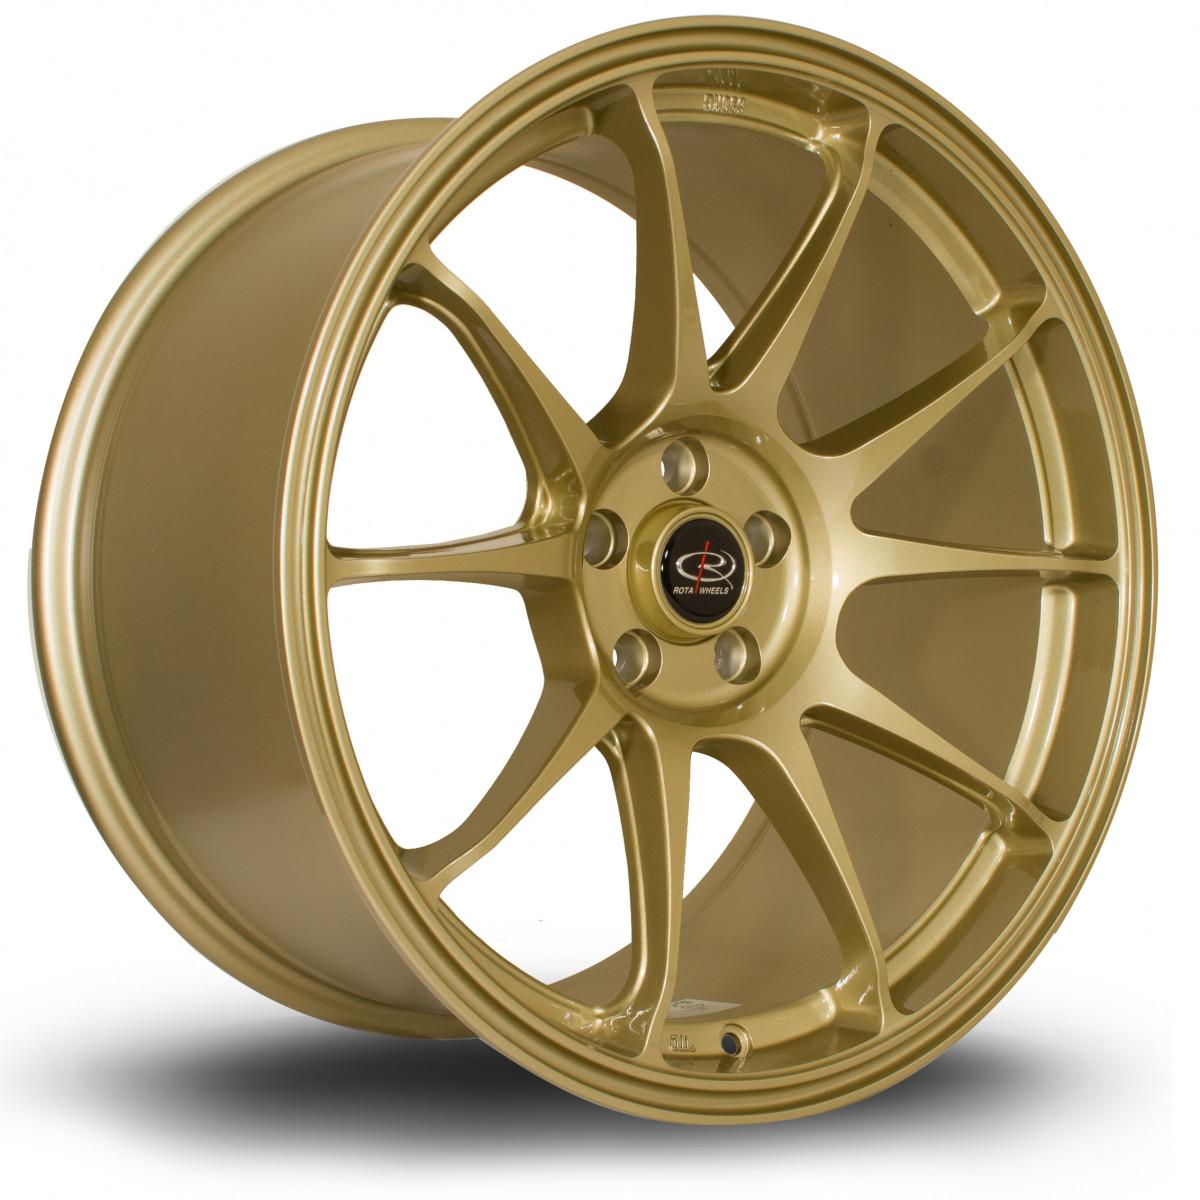 Titan 18x9.5 5x100 ET35 Gold